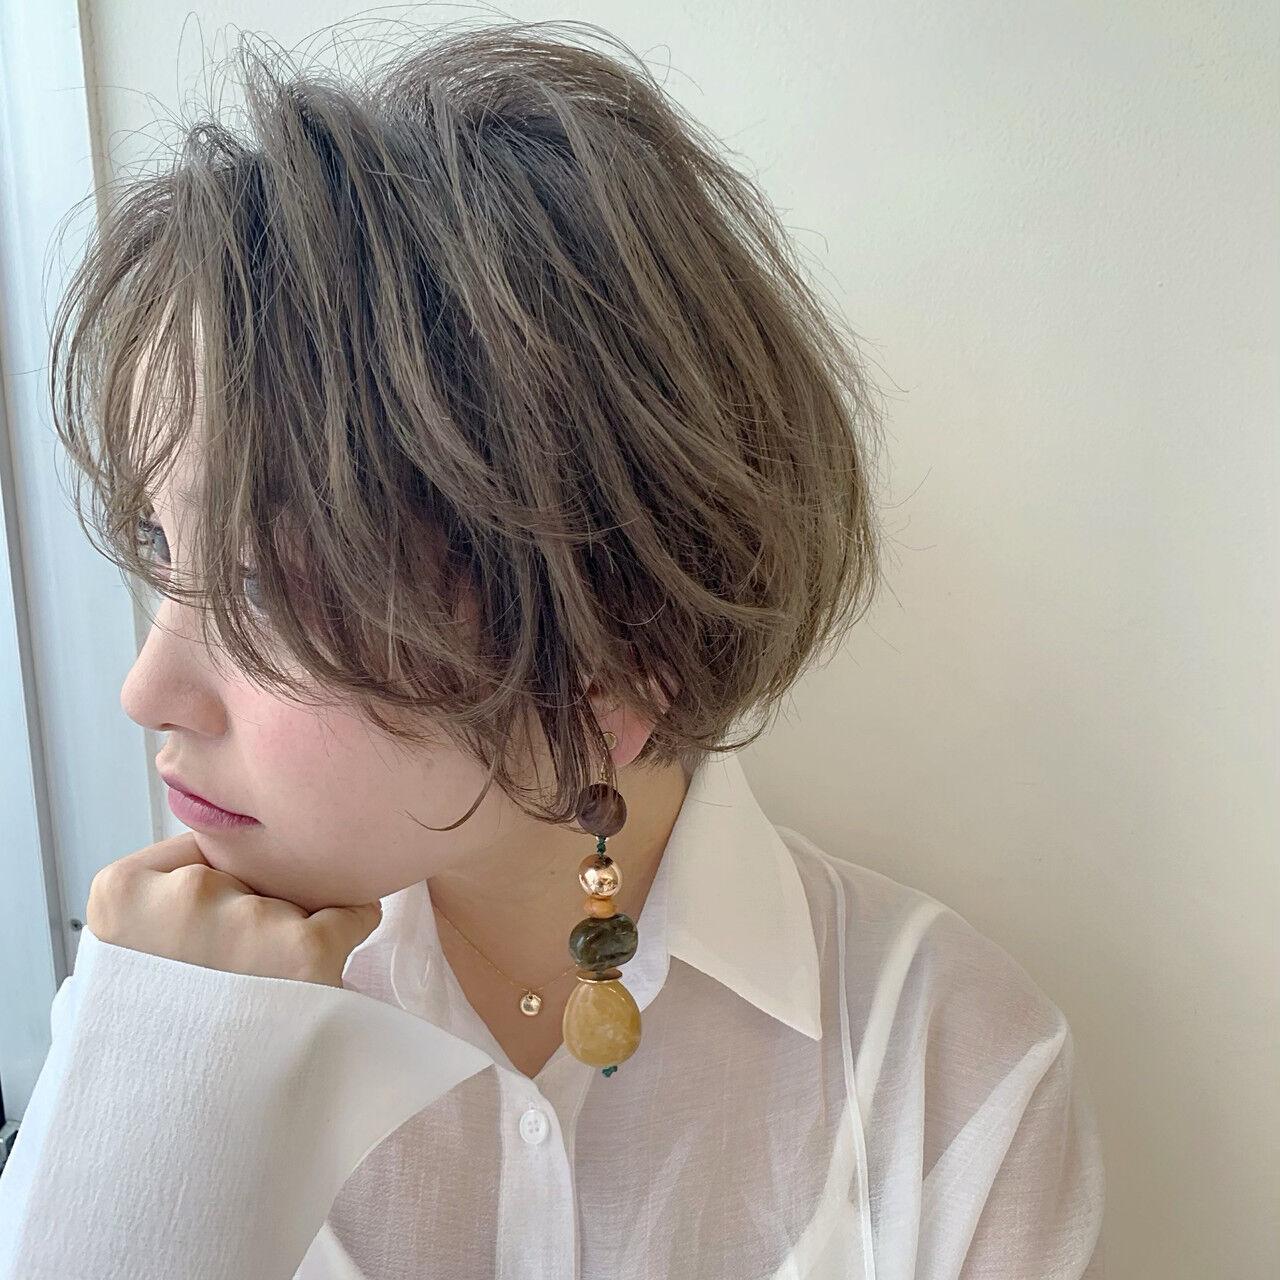 センターパート ナチュラル アンニュイほつれヘア 大人かわいいヘアスタイルや髪型の写真・画像